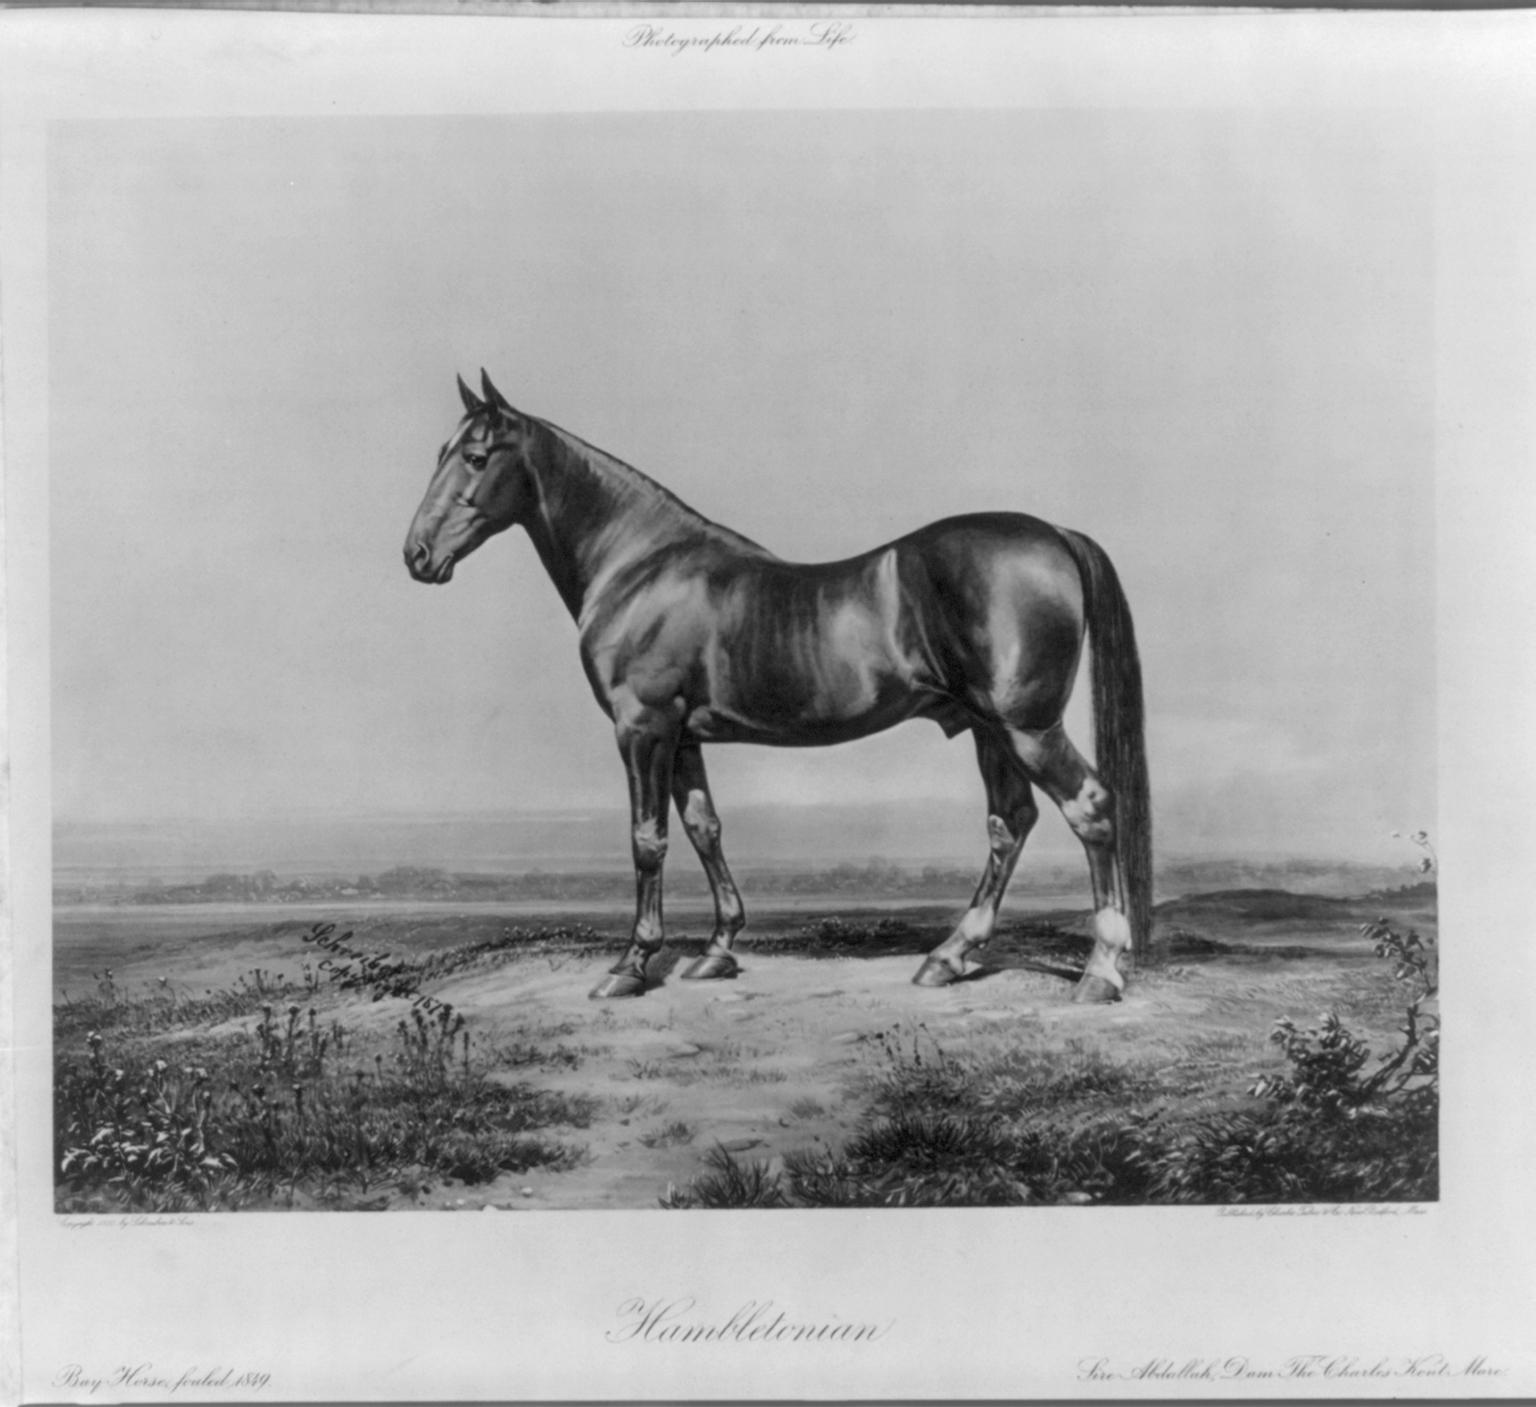 Фоторгафия лошади по кличке Гамблетониан